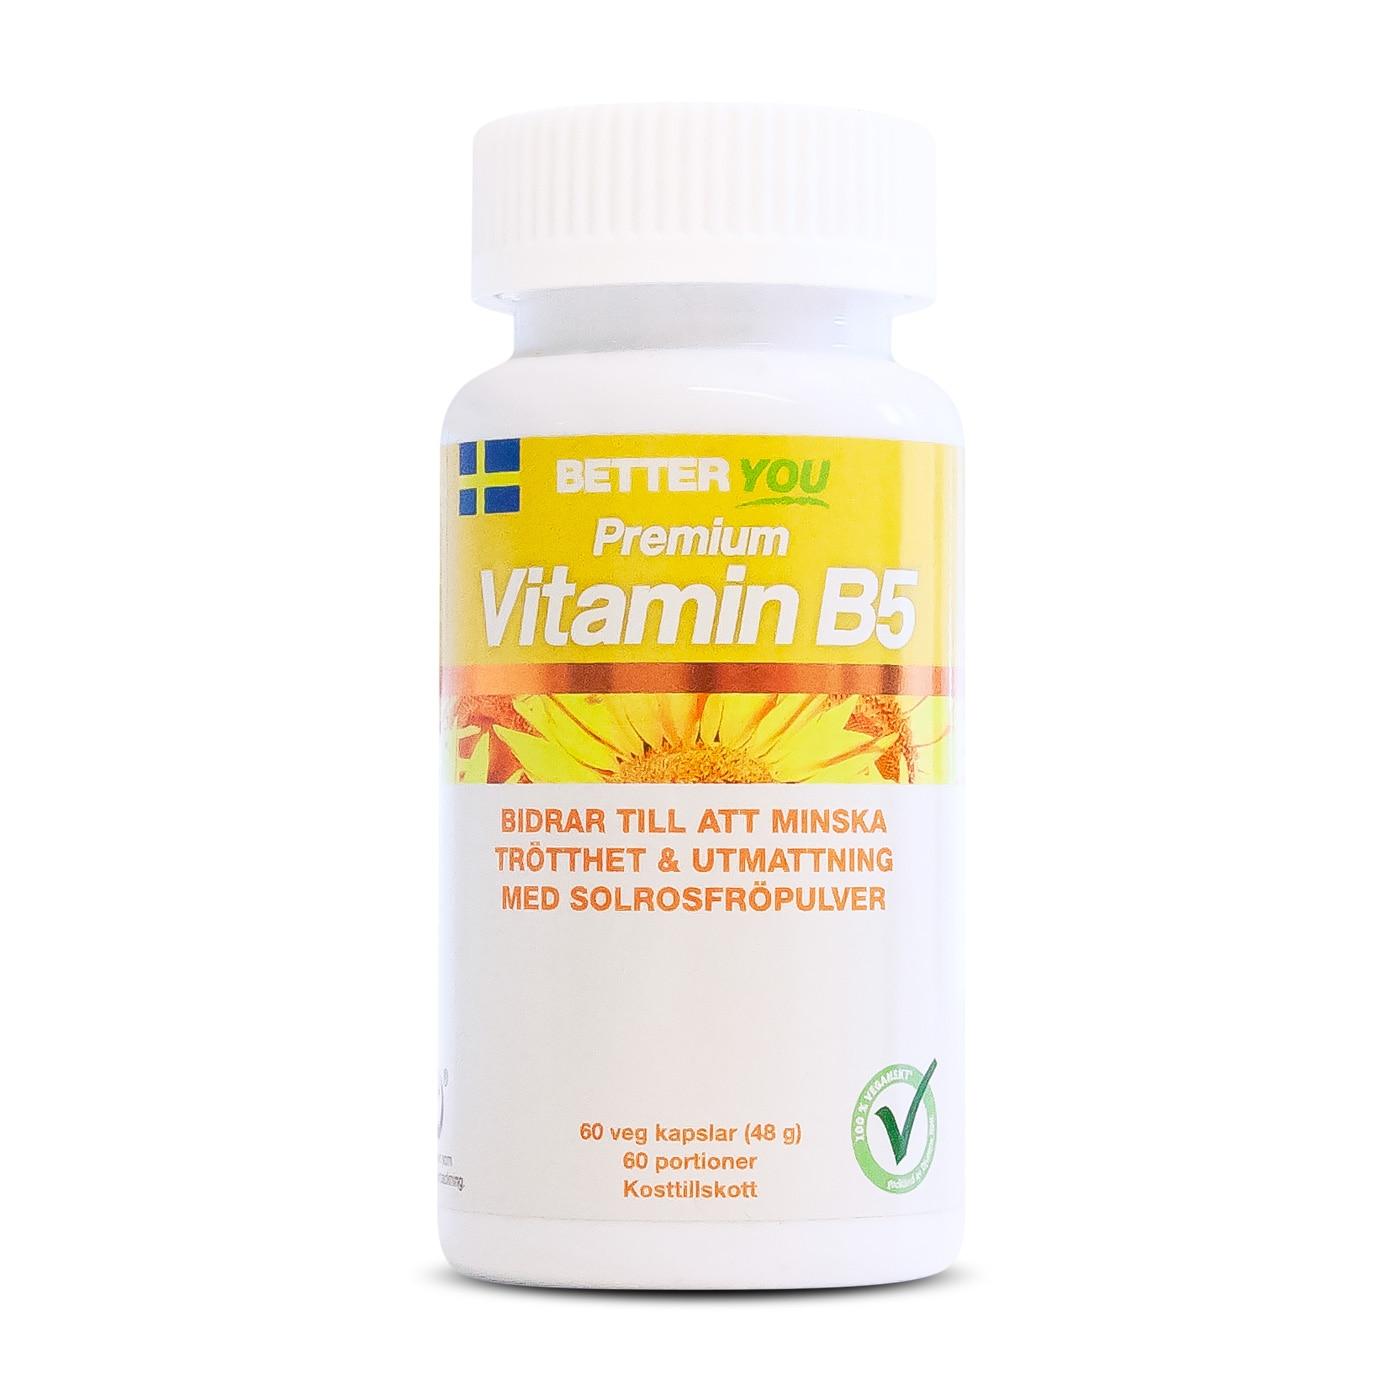 Premium Vitamin B5